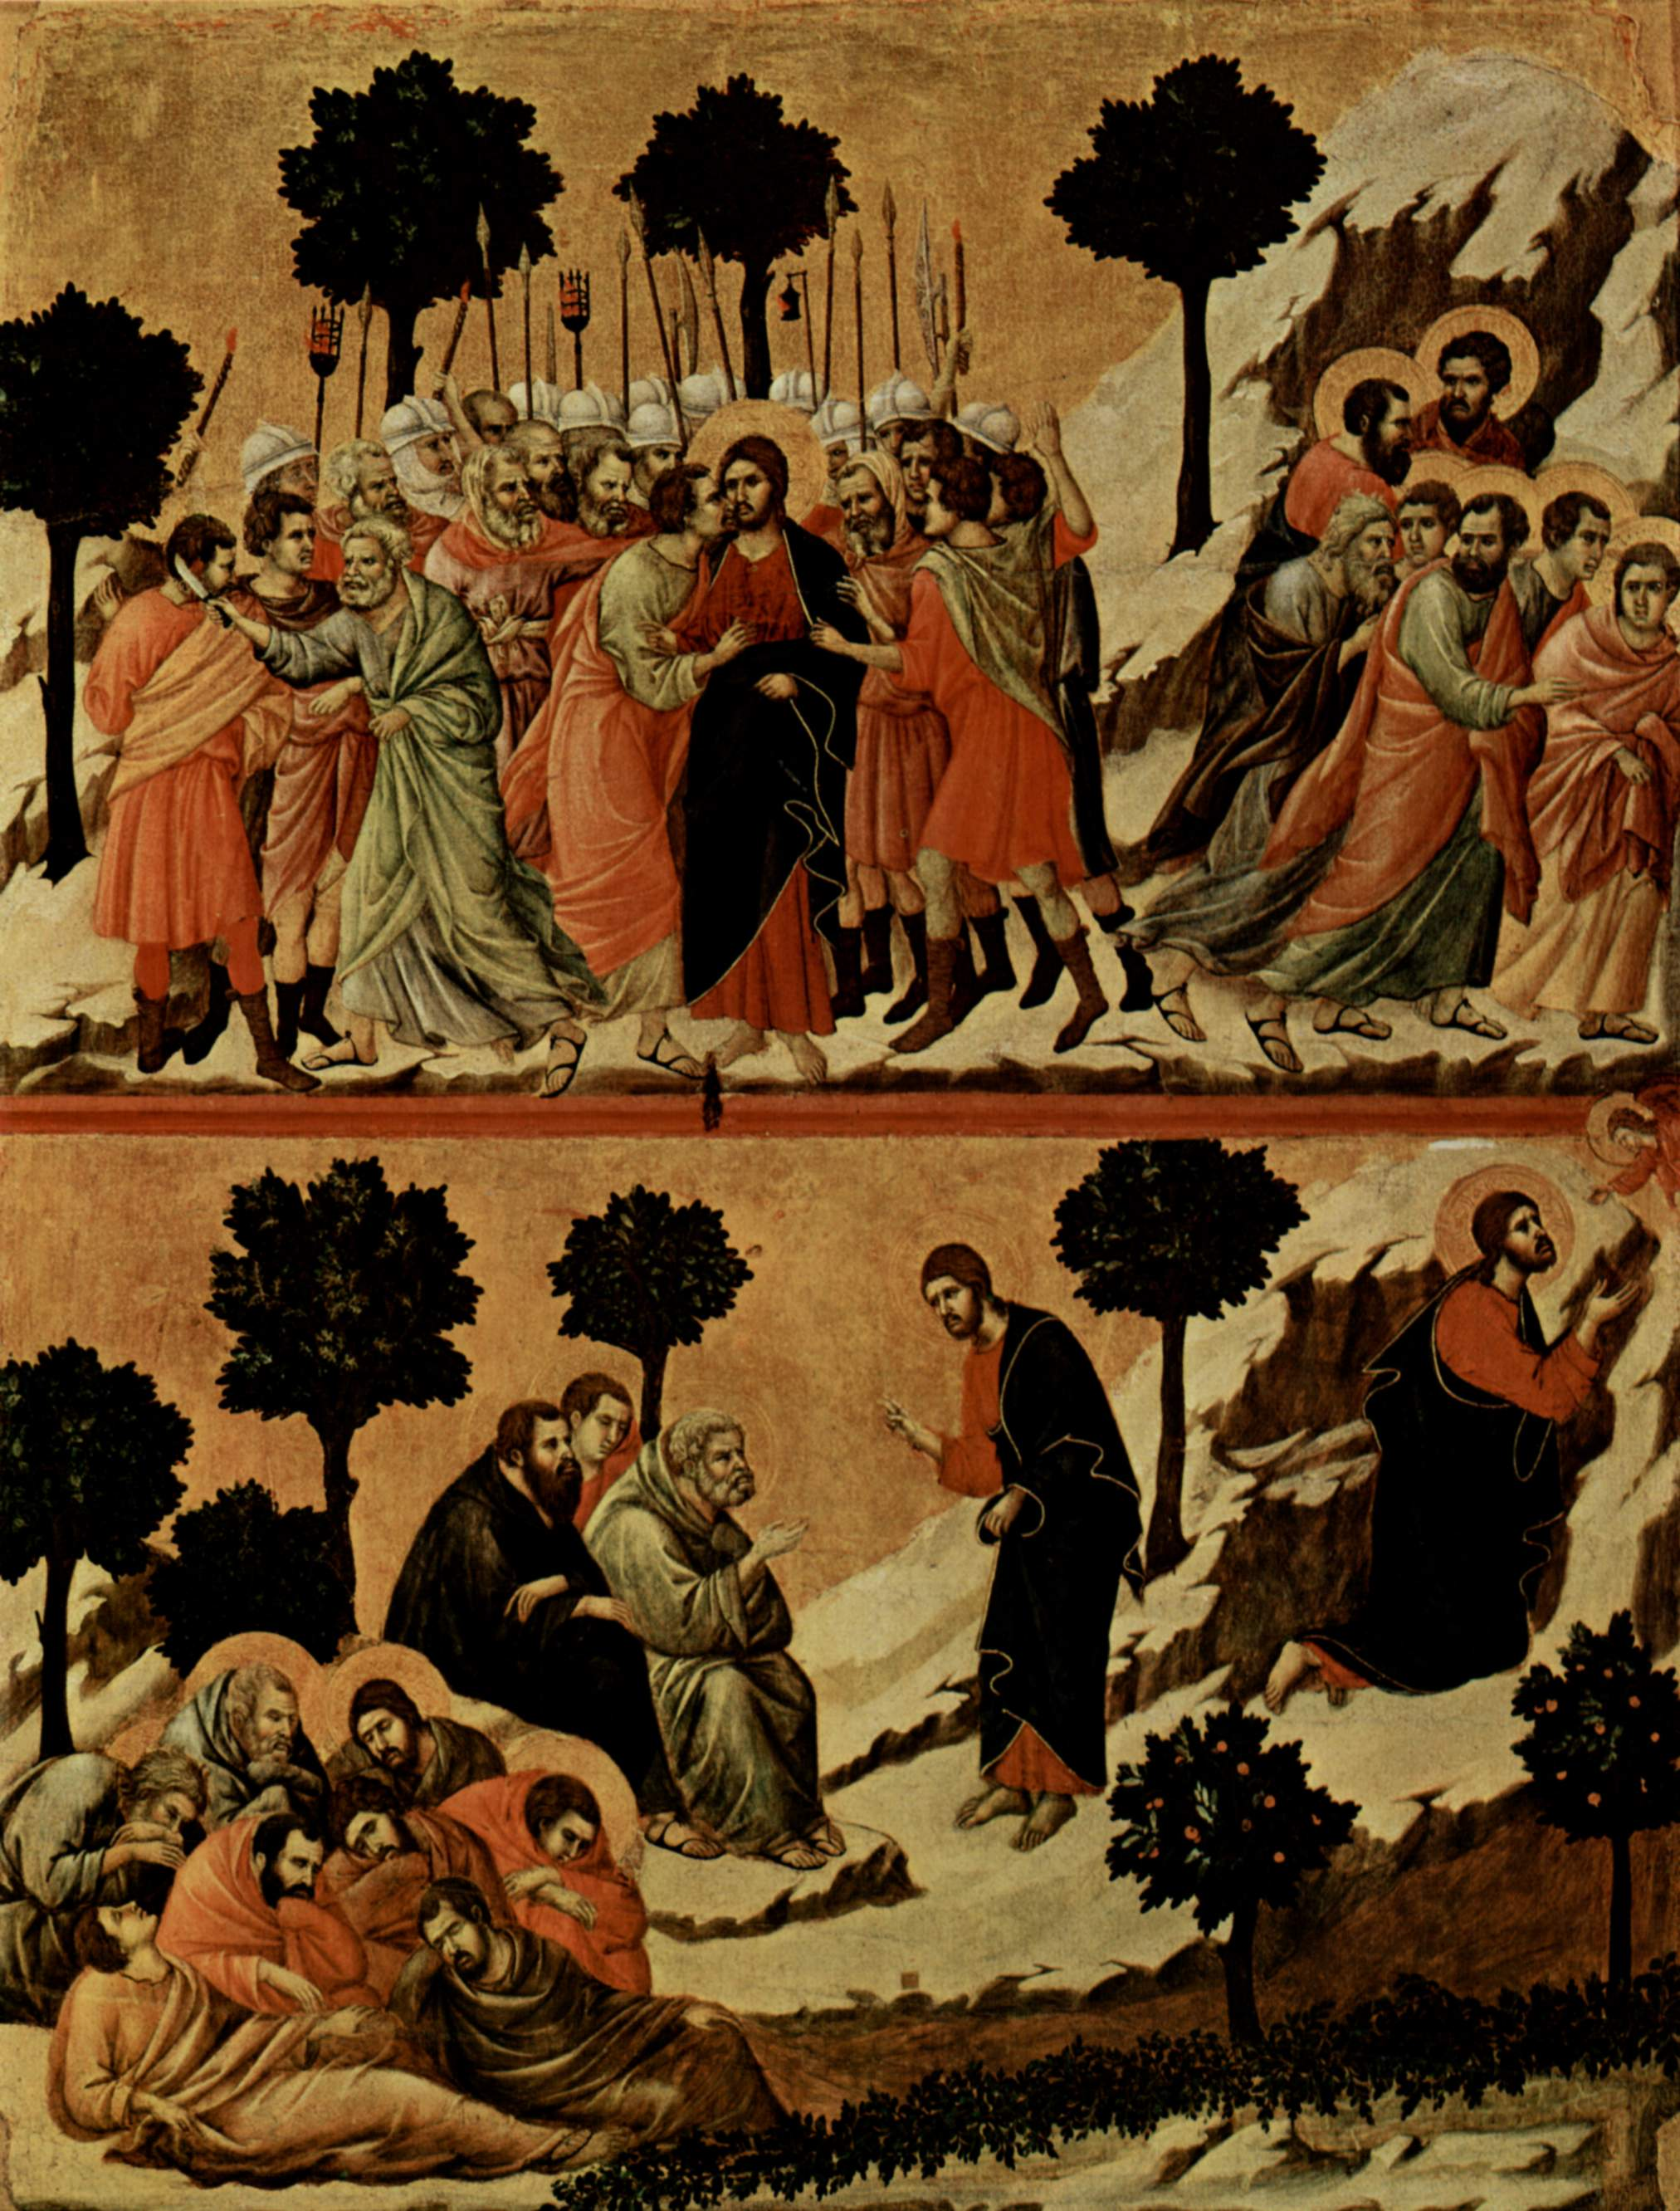 Маэста, алтарь сиенского кафедрального собора, оборотная сторона, Регистр со сценами Страстей Христовых, Дуччо ди Буонинсенья